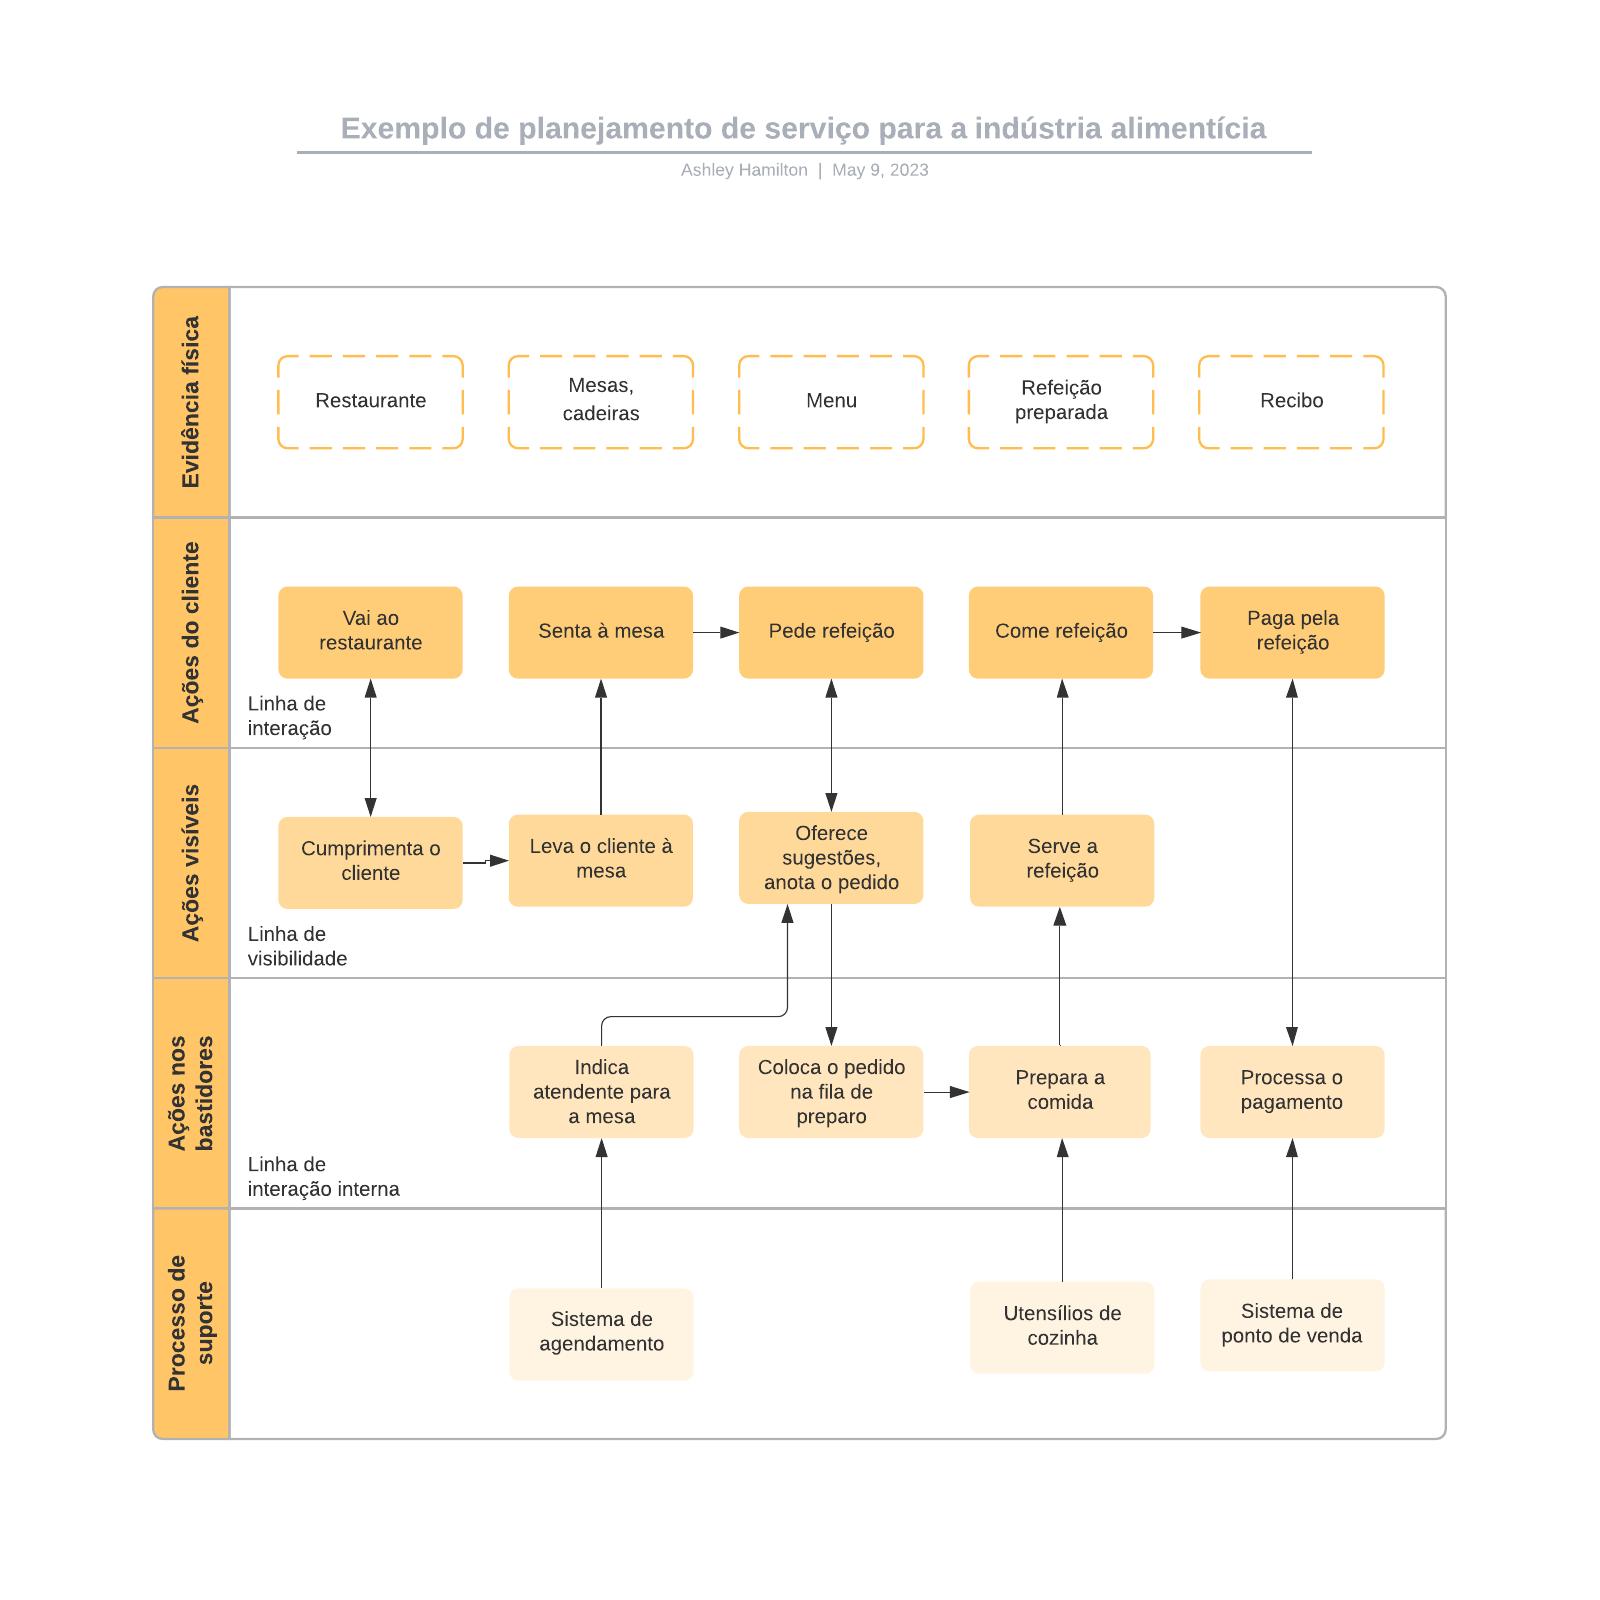 Exemplo de planejamento de serviço para a indústria alimentícia